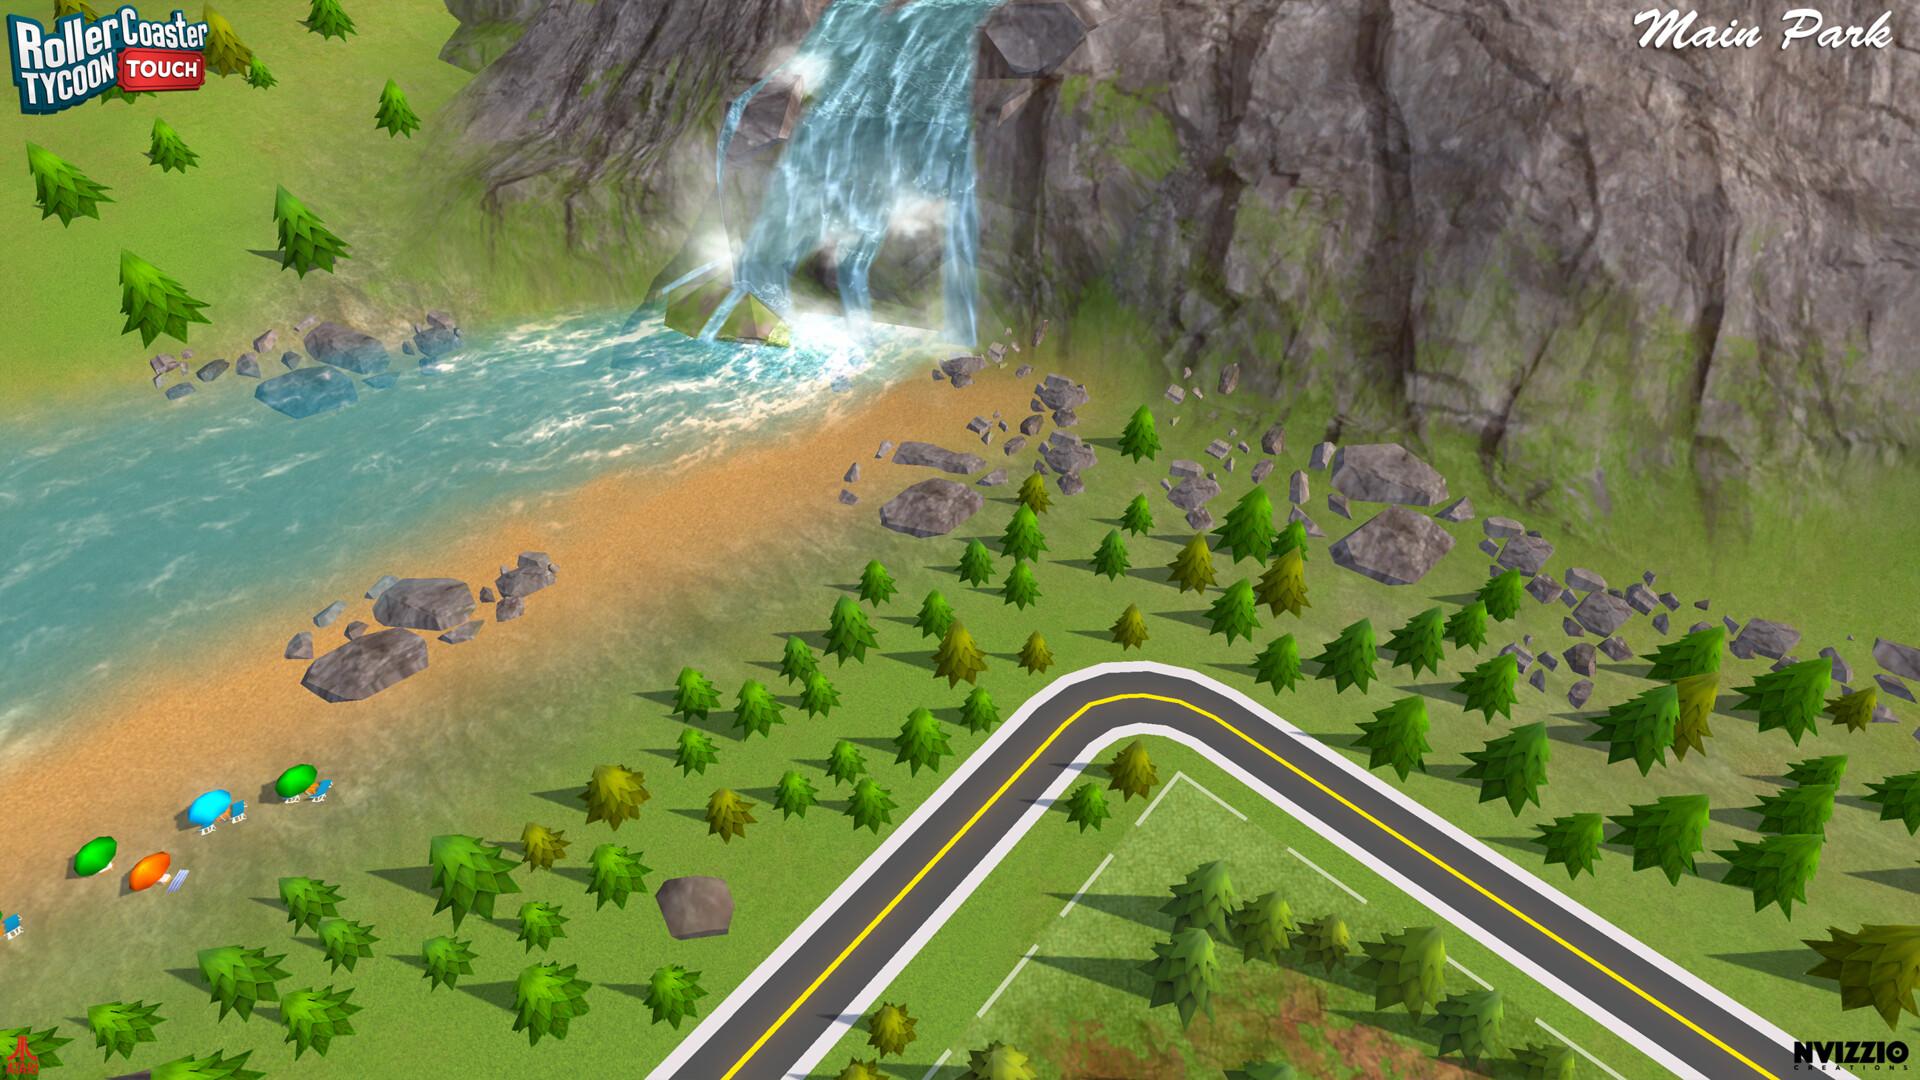 ArtStation - Roller Coaster Tycoon Touch - Main park, Xavier